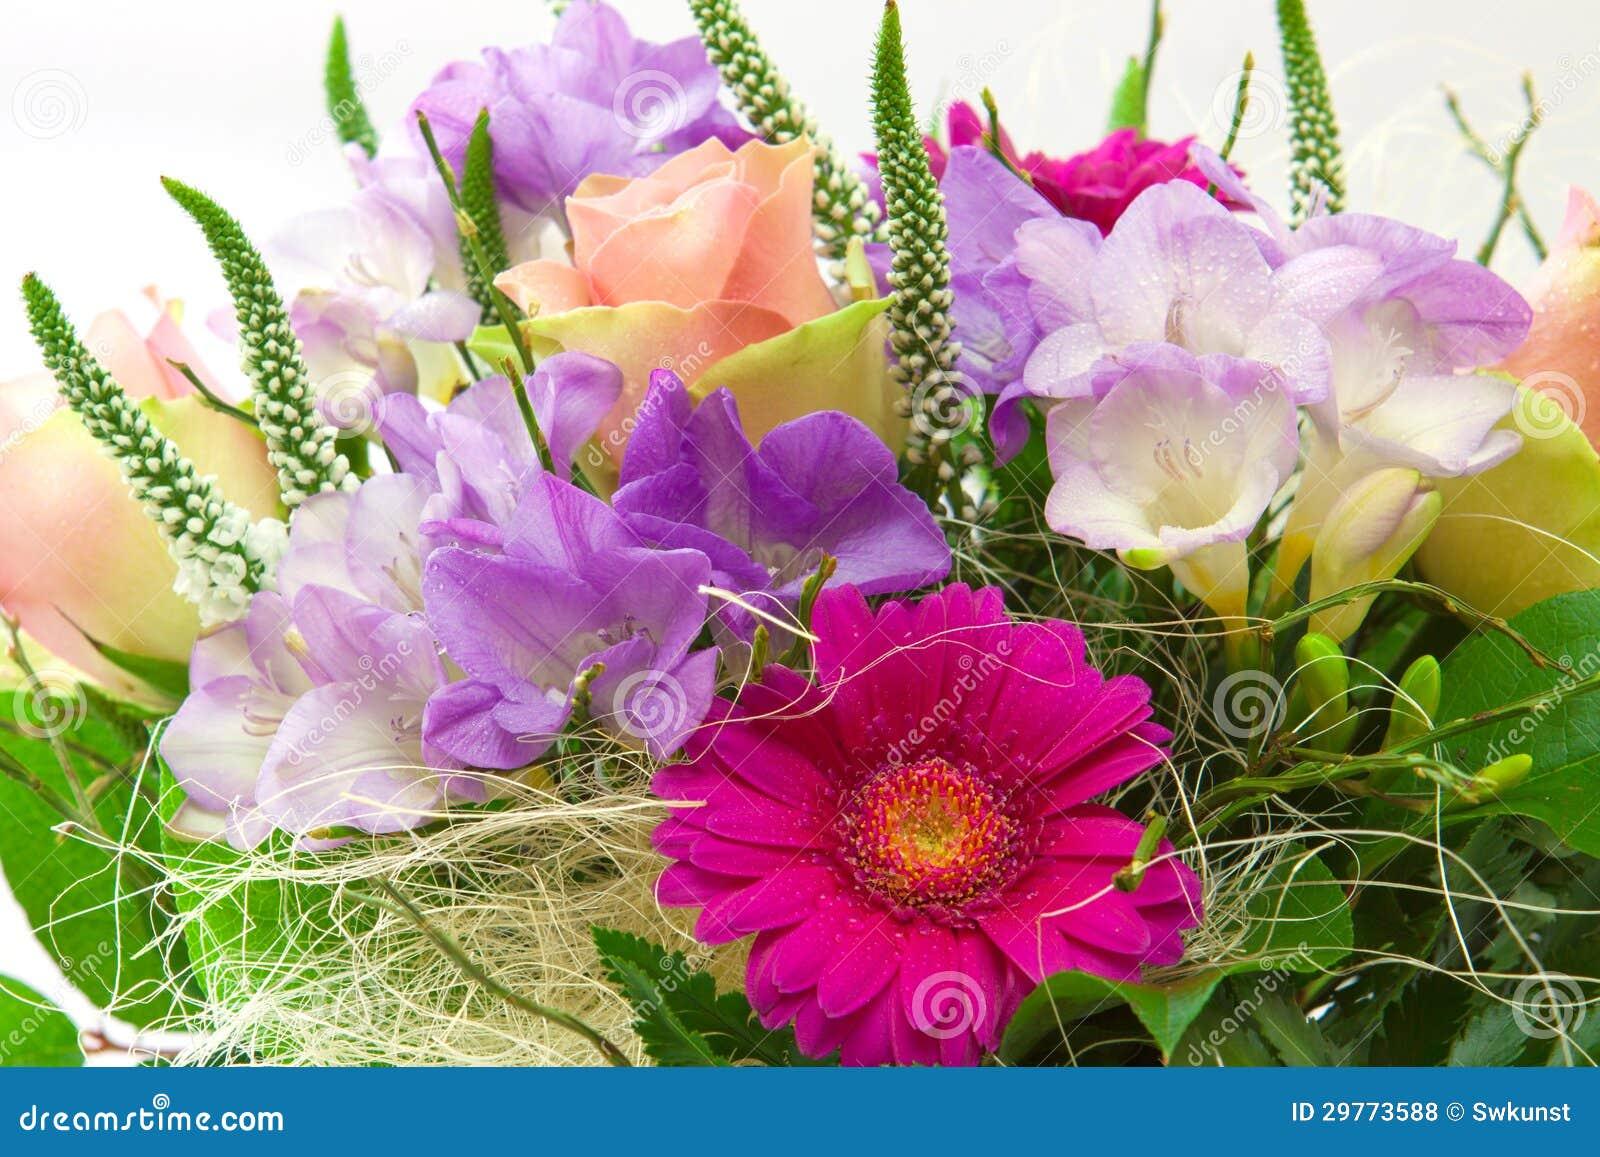 Souvent Carte bouquet de fleurs anniversaire - Photos de Magnolisafleur KX77